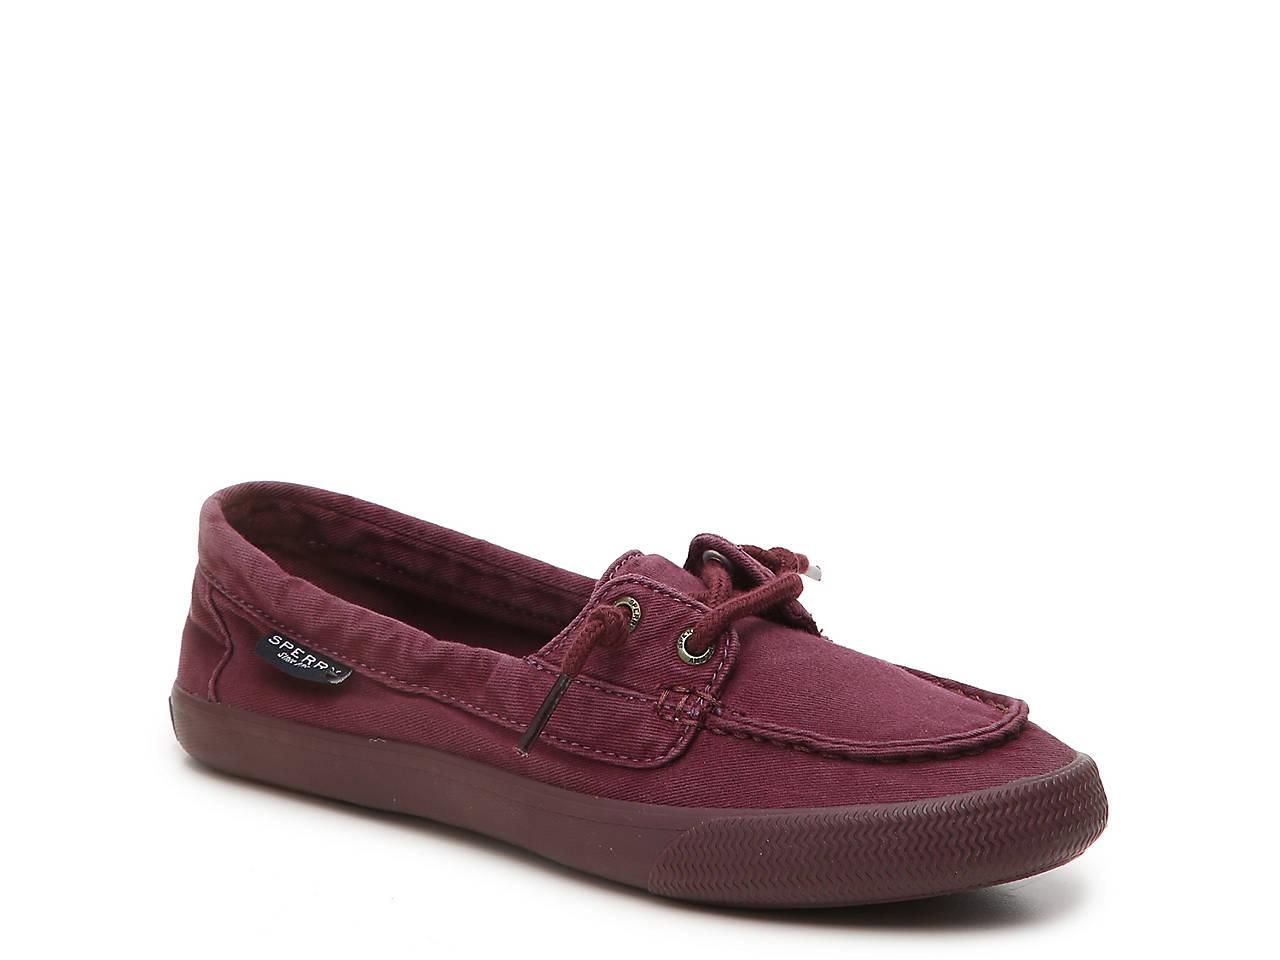 7e0ddd92c0dd Sperry Top Sider Lounge Away Boat Shoe Women S Shoes Dsw